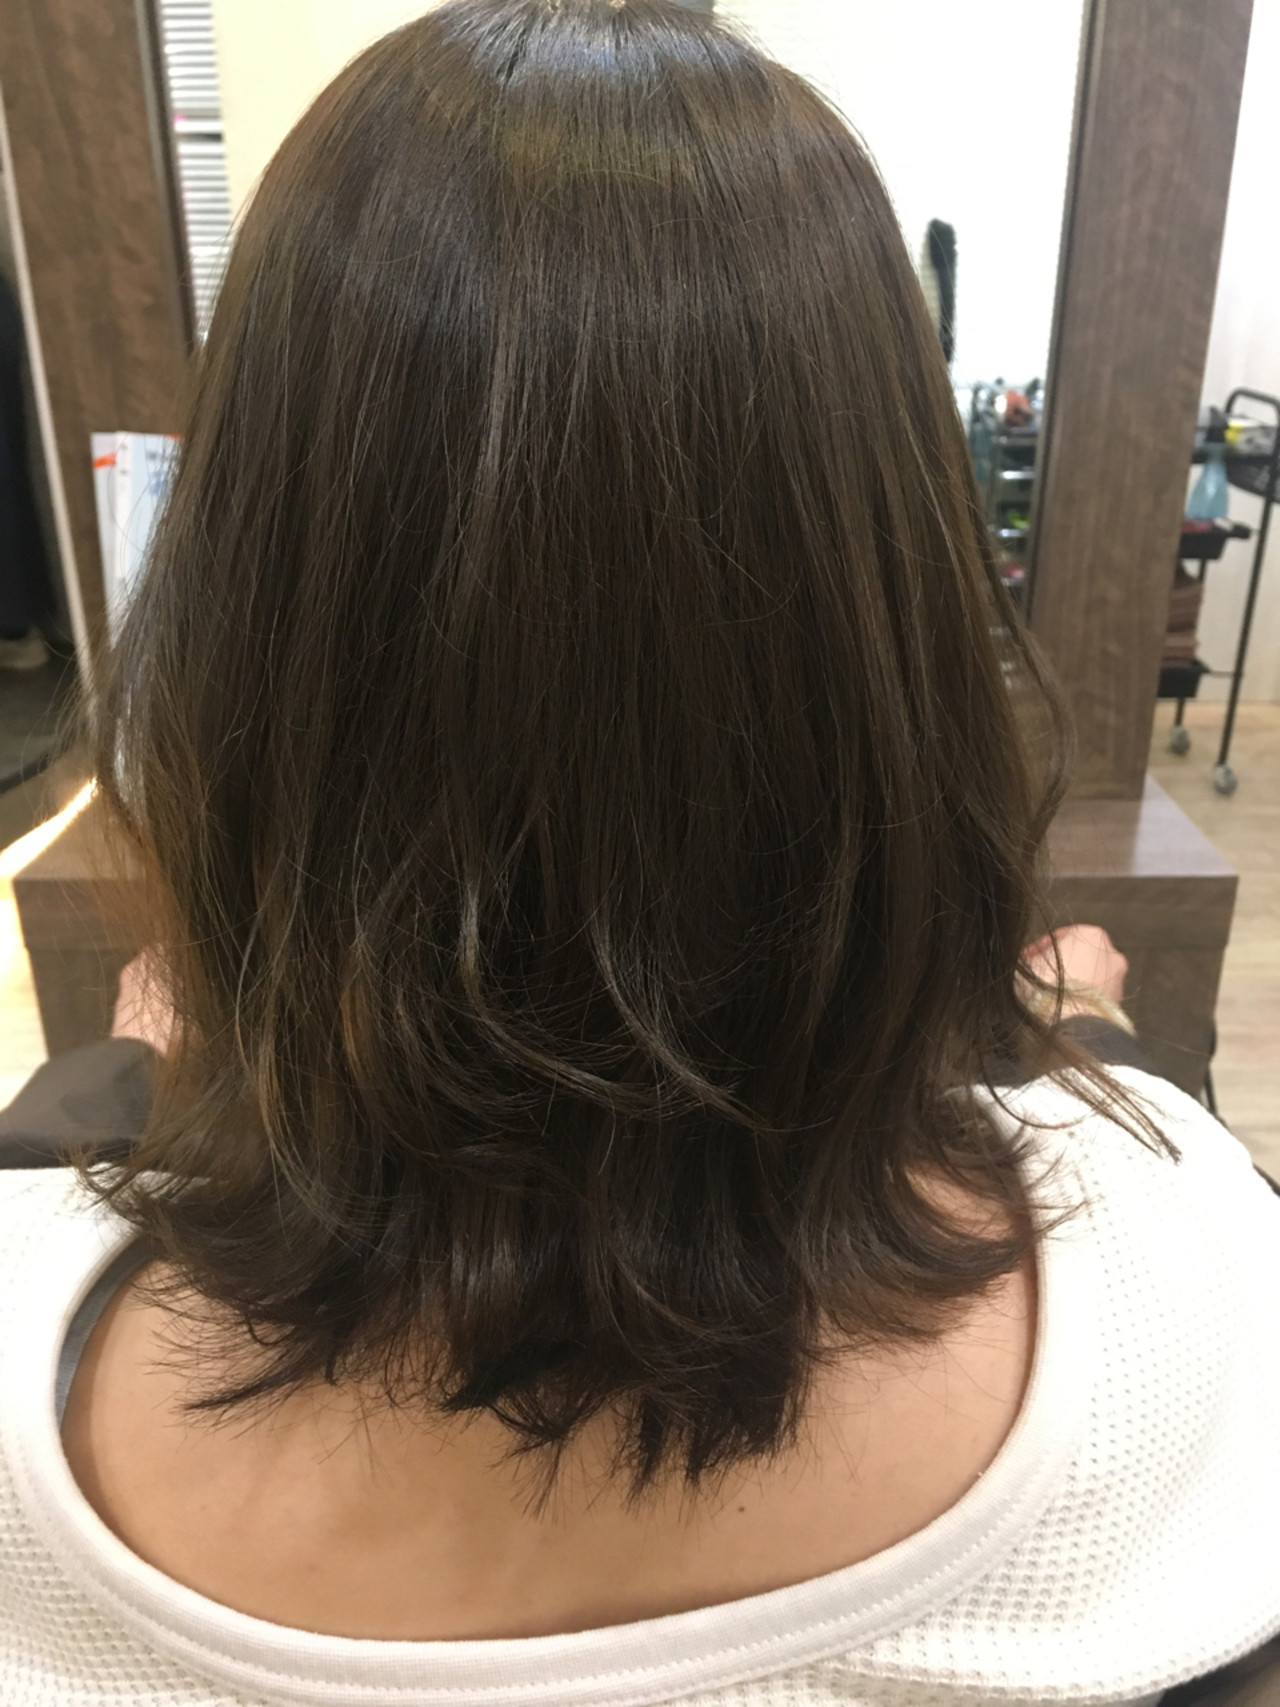 ミディアム レイヤーカット ボブ ヘアアレンジ ヘアスタイルや髪型の写真・画像 | 髪質改善、モテ髪カットのプロ!Zina出口耕太郎 / Zina CENTRAL